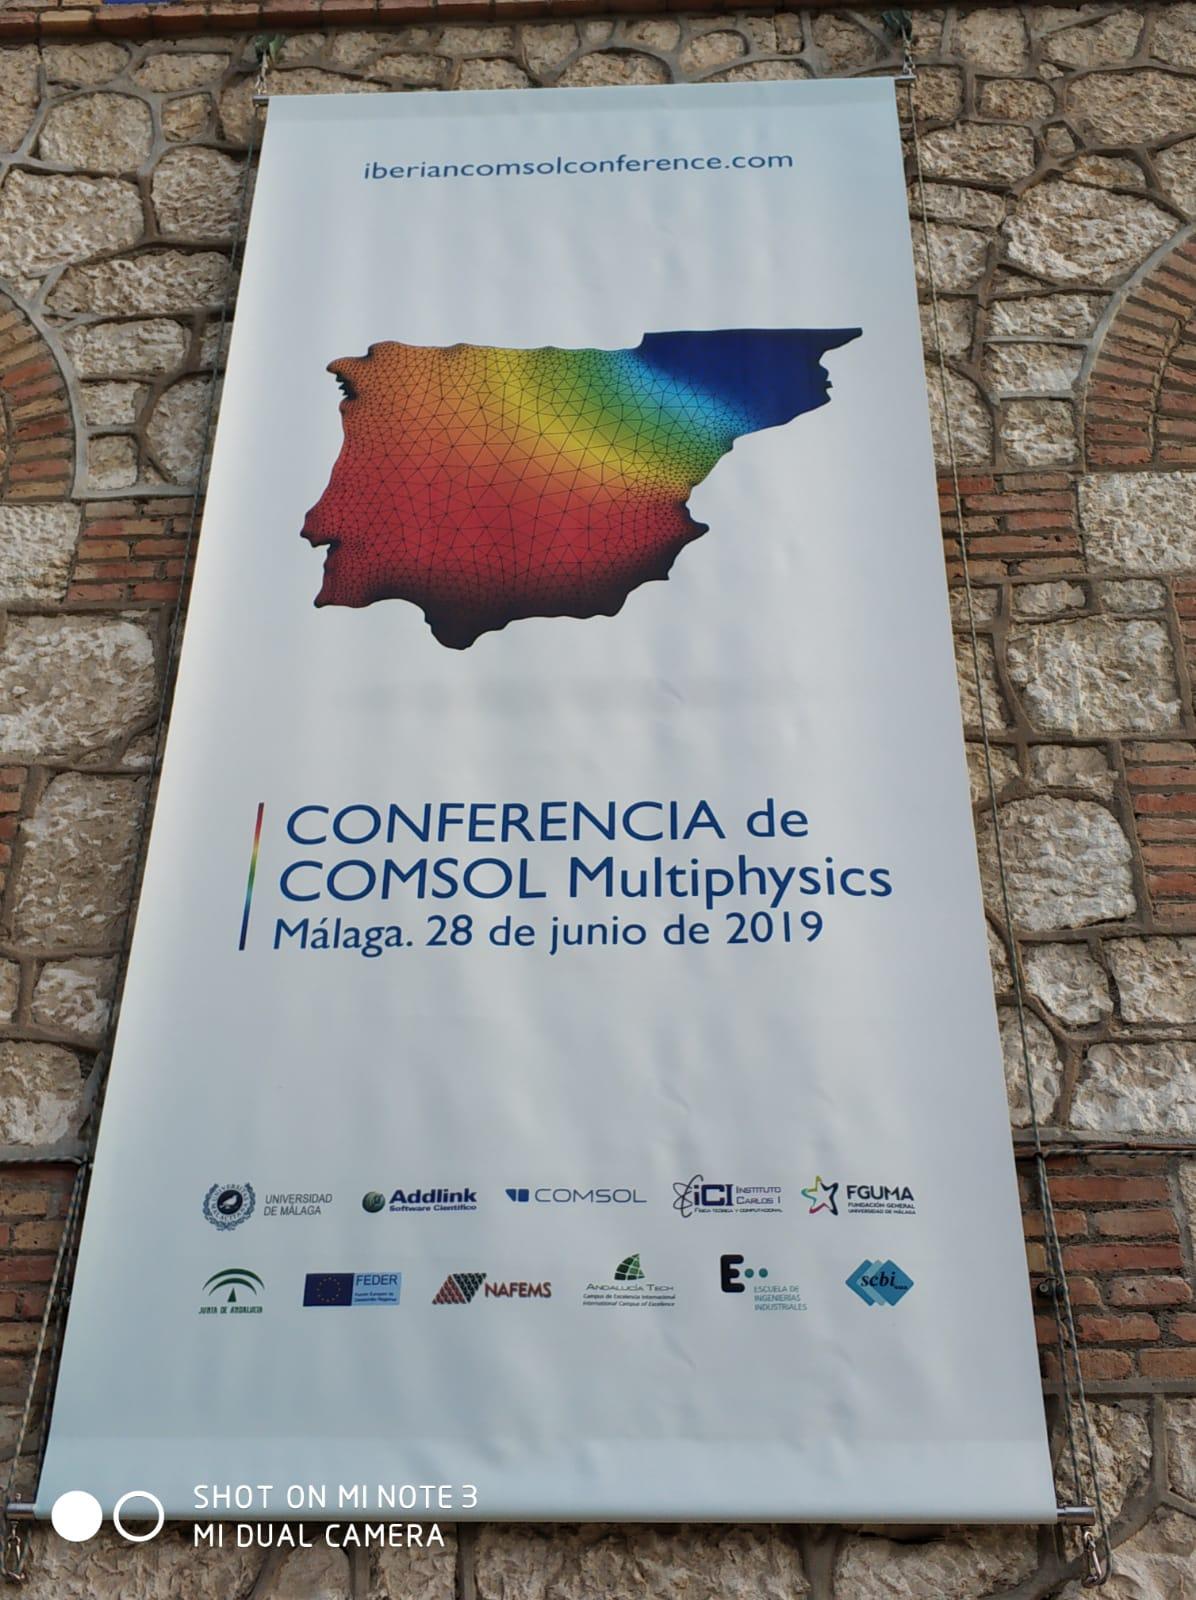 Inaugurada la Conferencia de COMSOL Multiphysics 2019